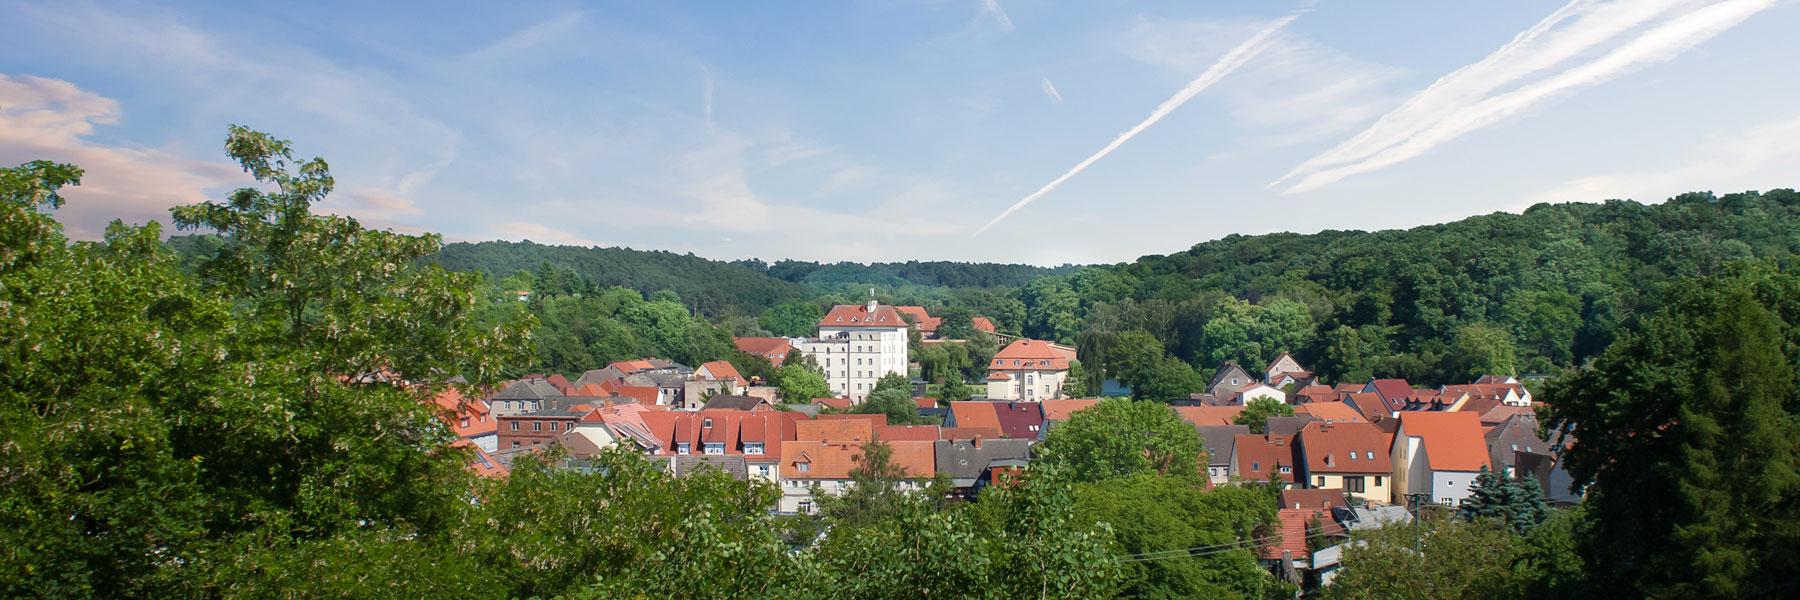 Ortsansicht - Hotel Zur Burg